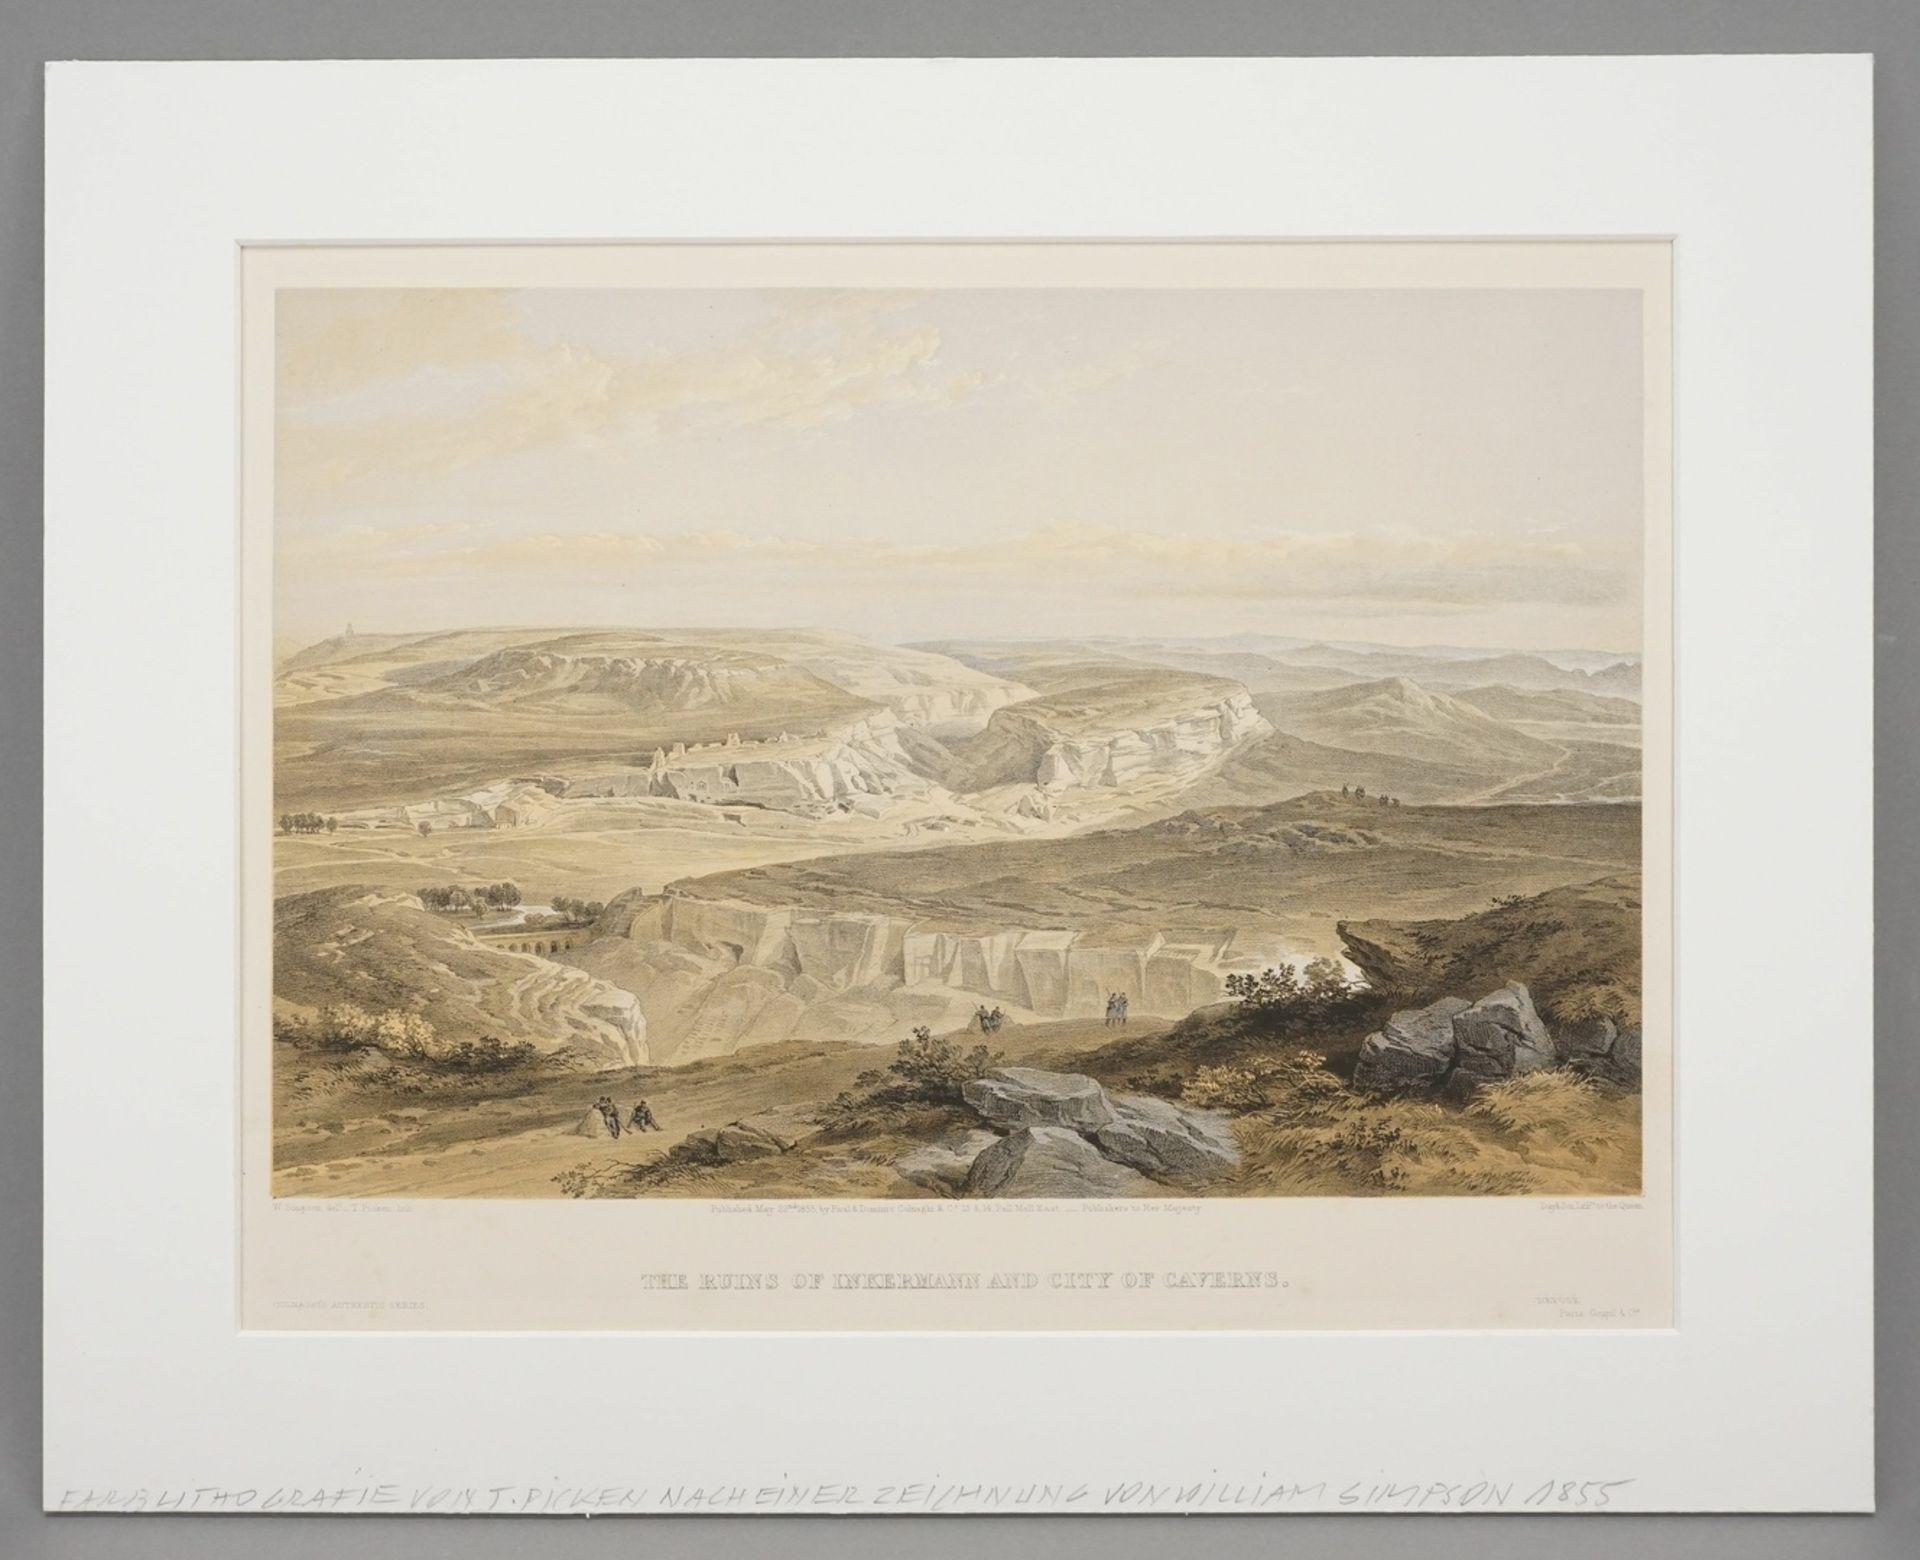 """William Simpson, """"The Ruins of Inkermann and City of Caverns"""" (Die Ruinen der Stadt Inkerman ... - Bild 2 aus 3"""